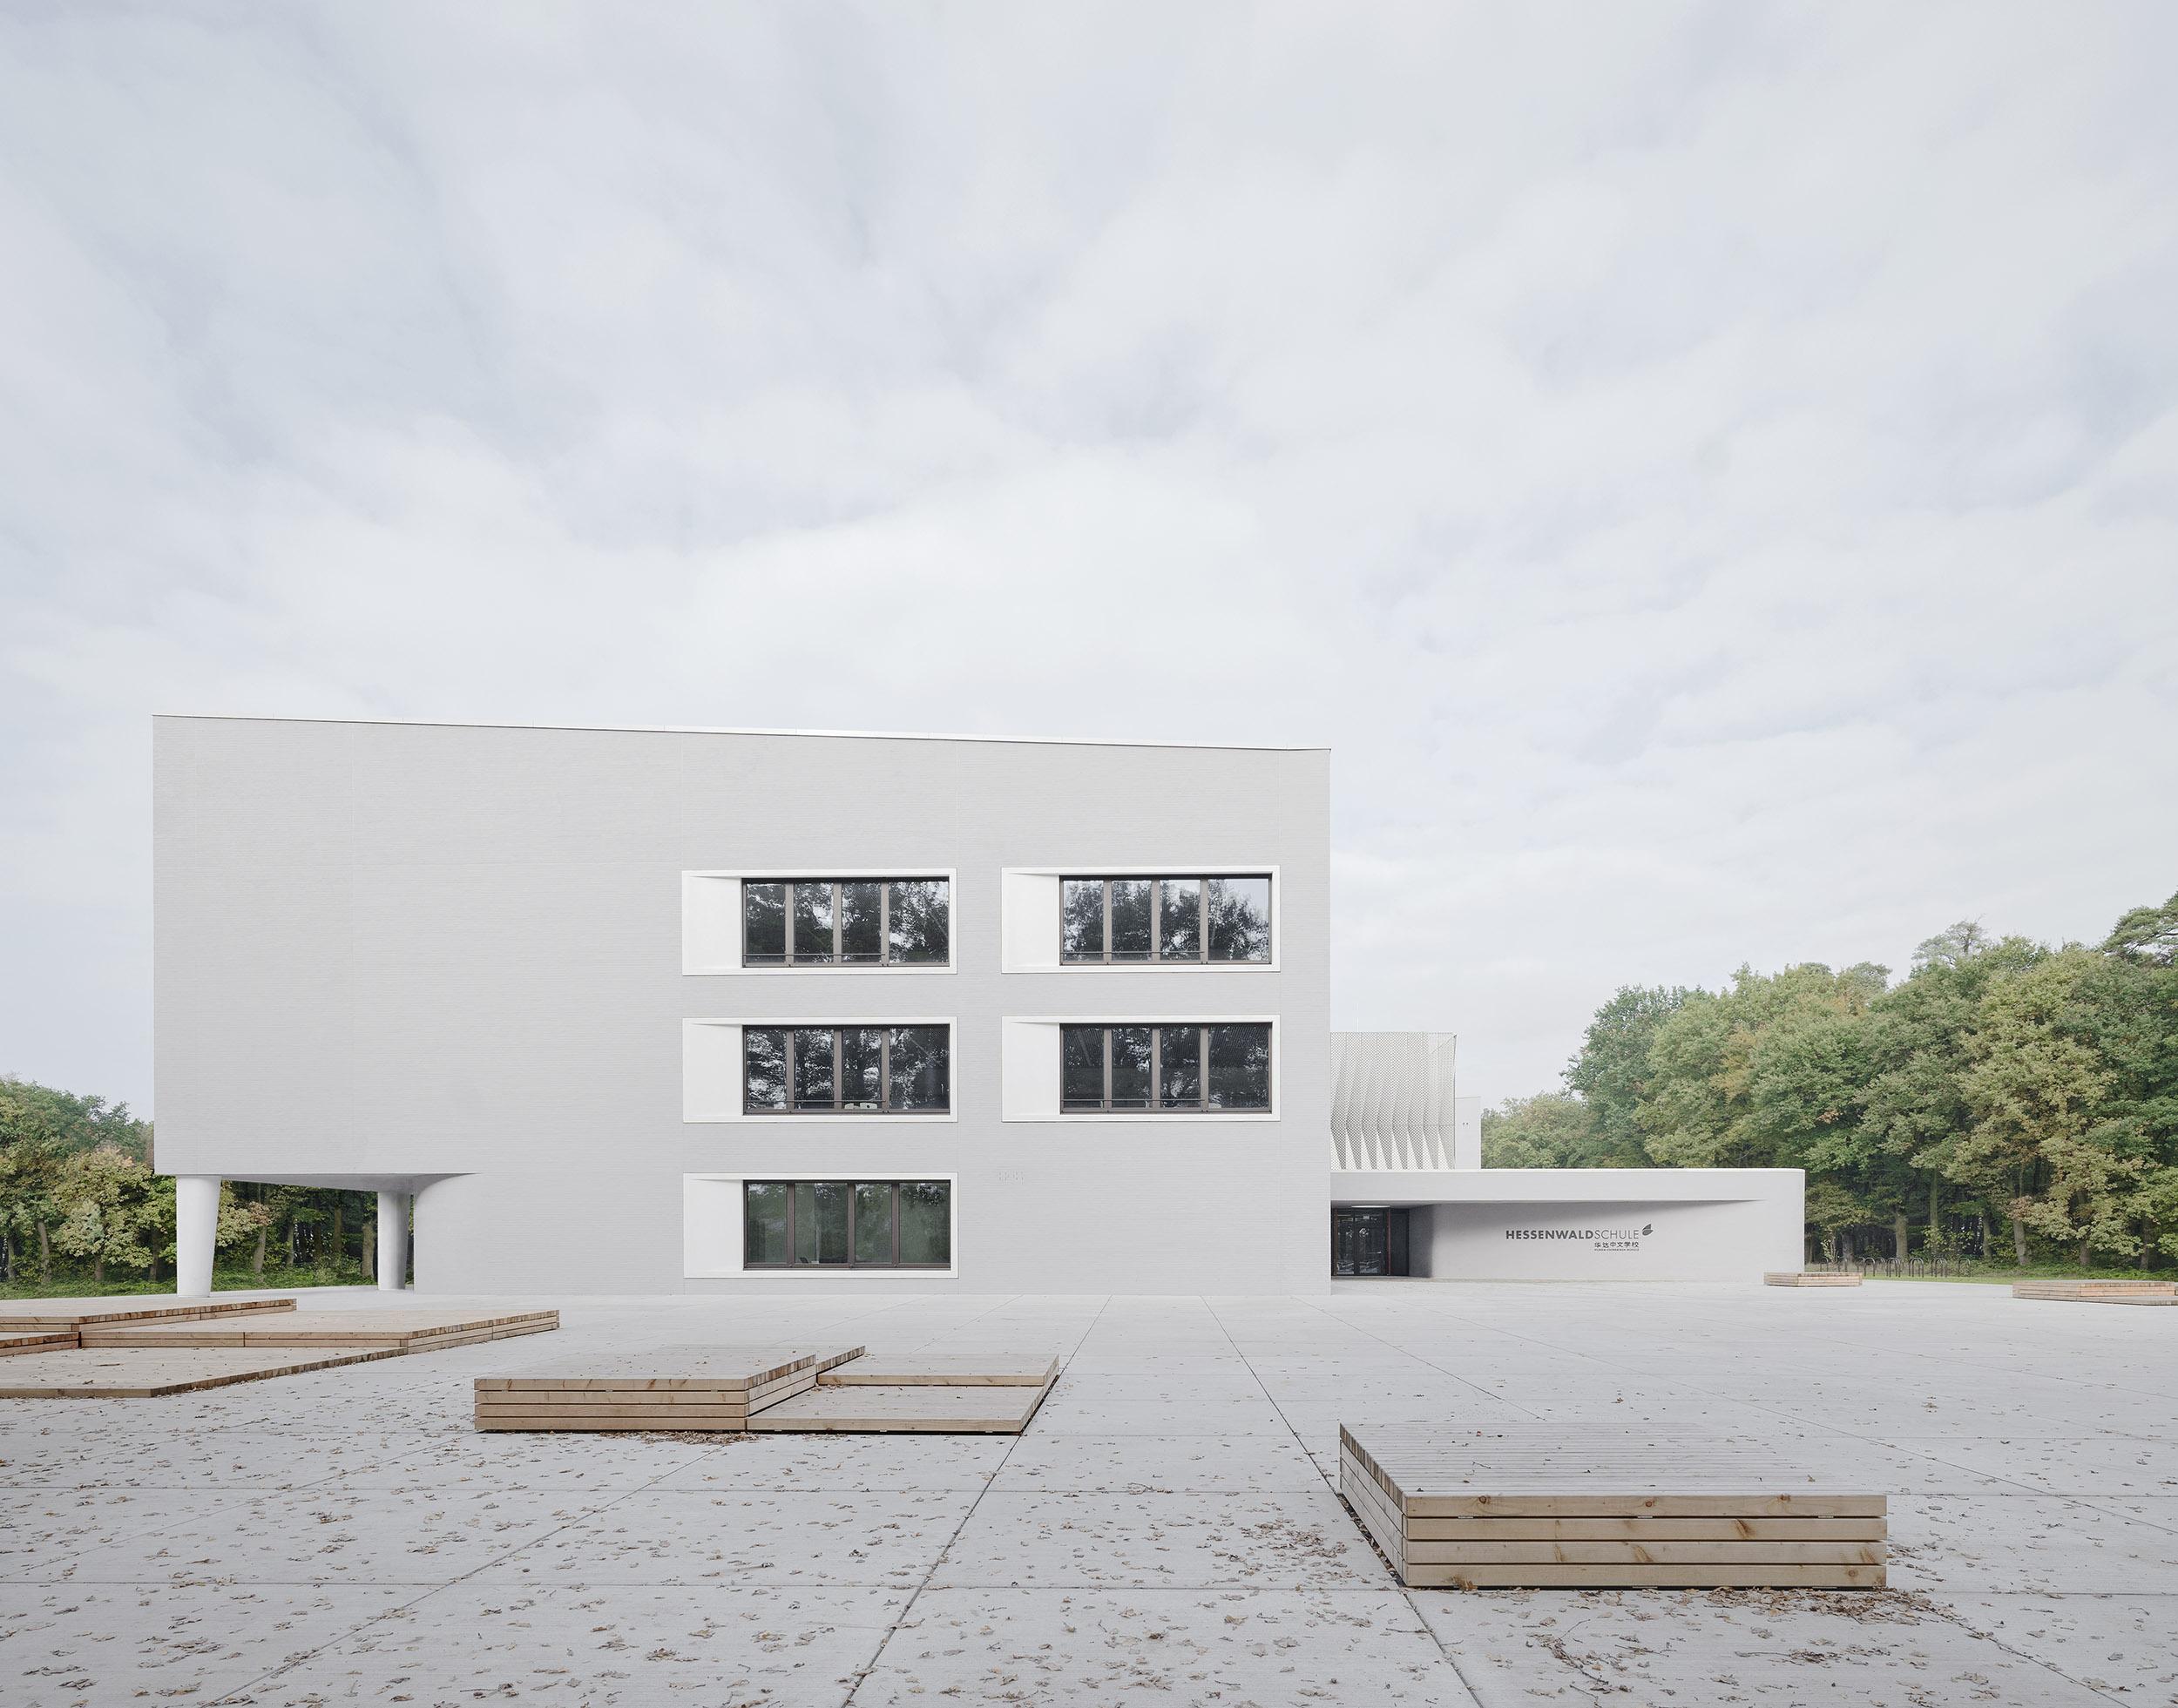 Hessenwald School